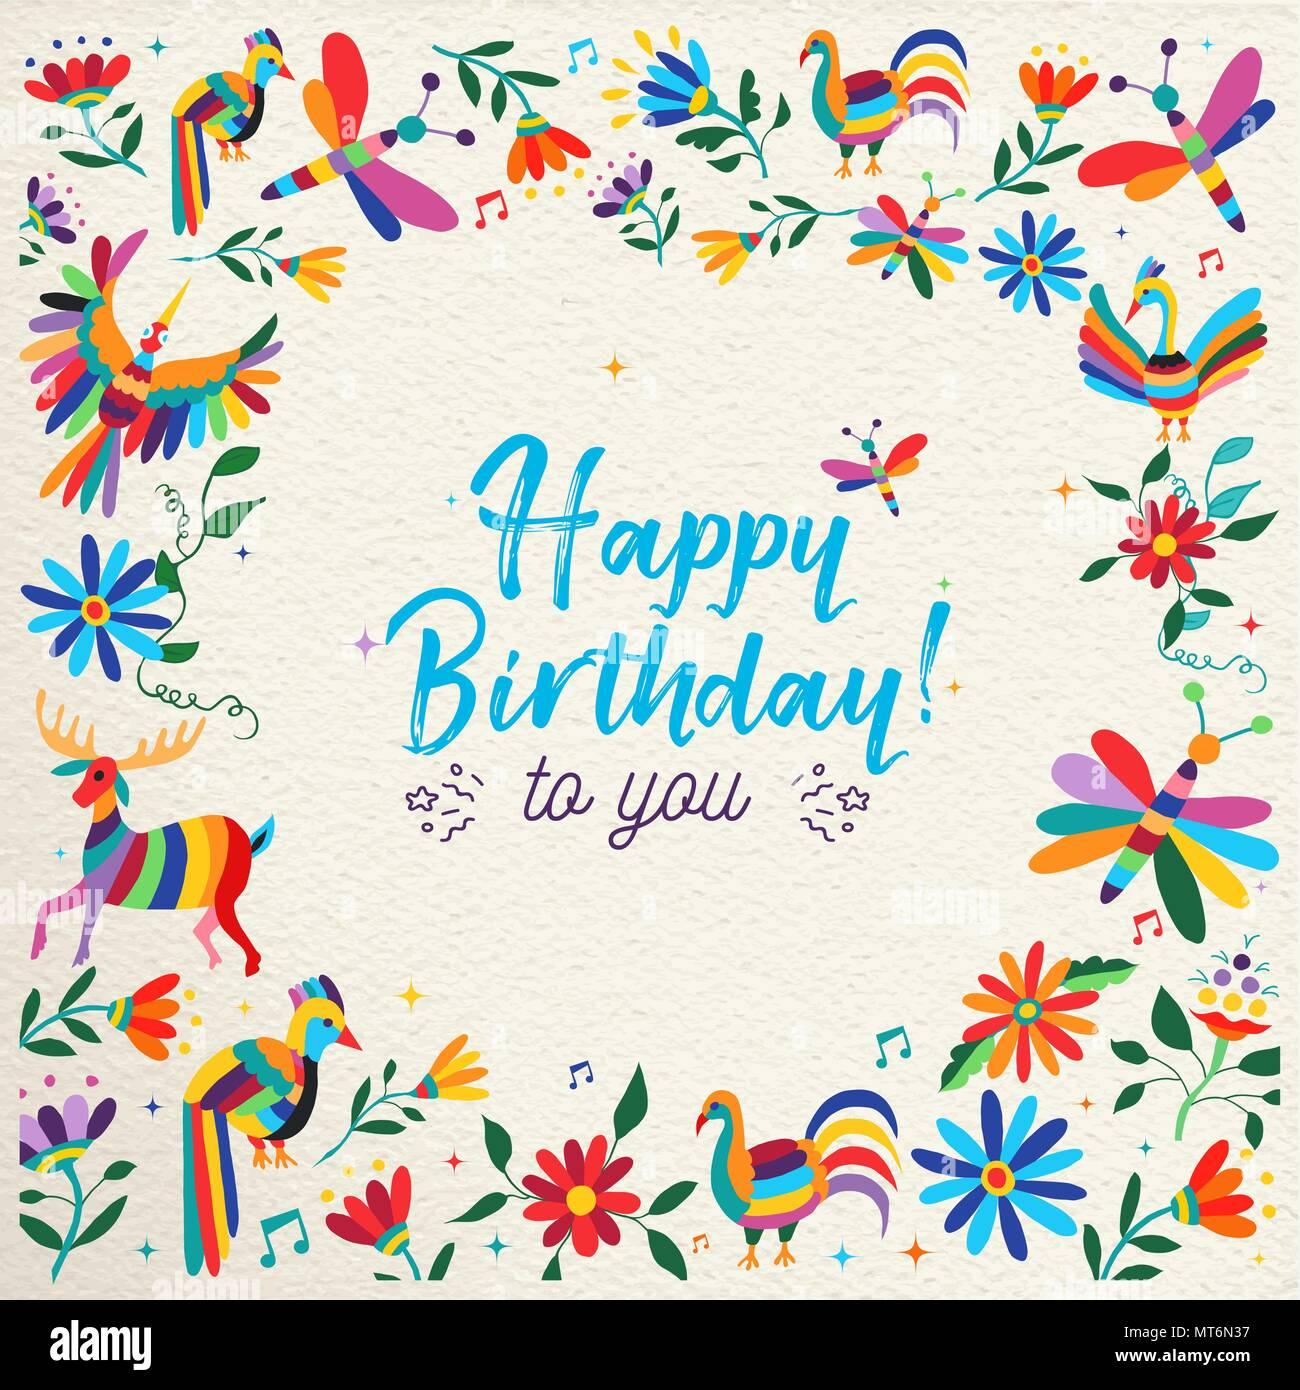 Joyeux anniversaire avec un style coloré fleurs de printemps et d'otomi animaux sur papier texture background. Idéal pour les fêtes d'invitation ou carte de vœux. E Illustration de Vecteur